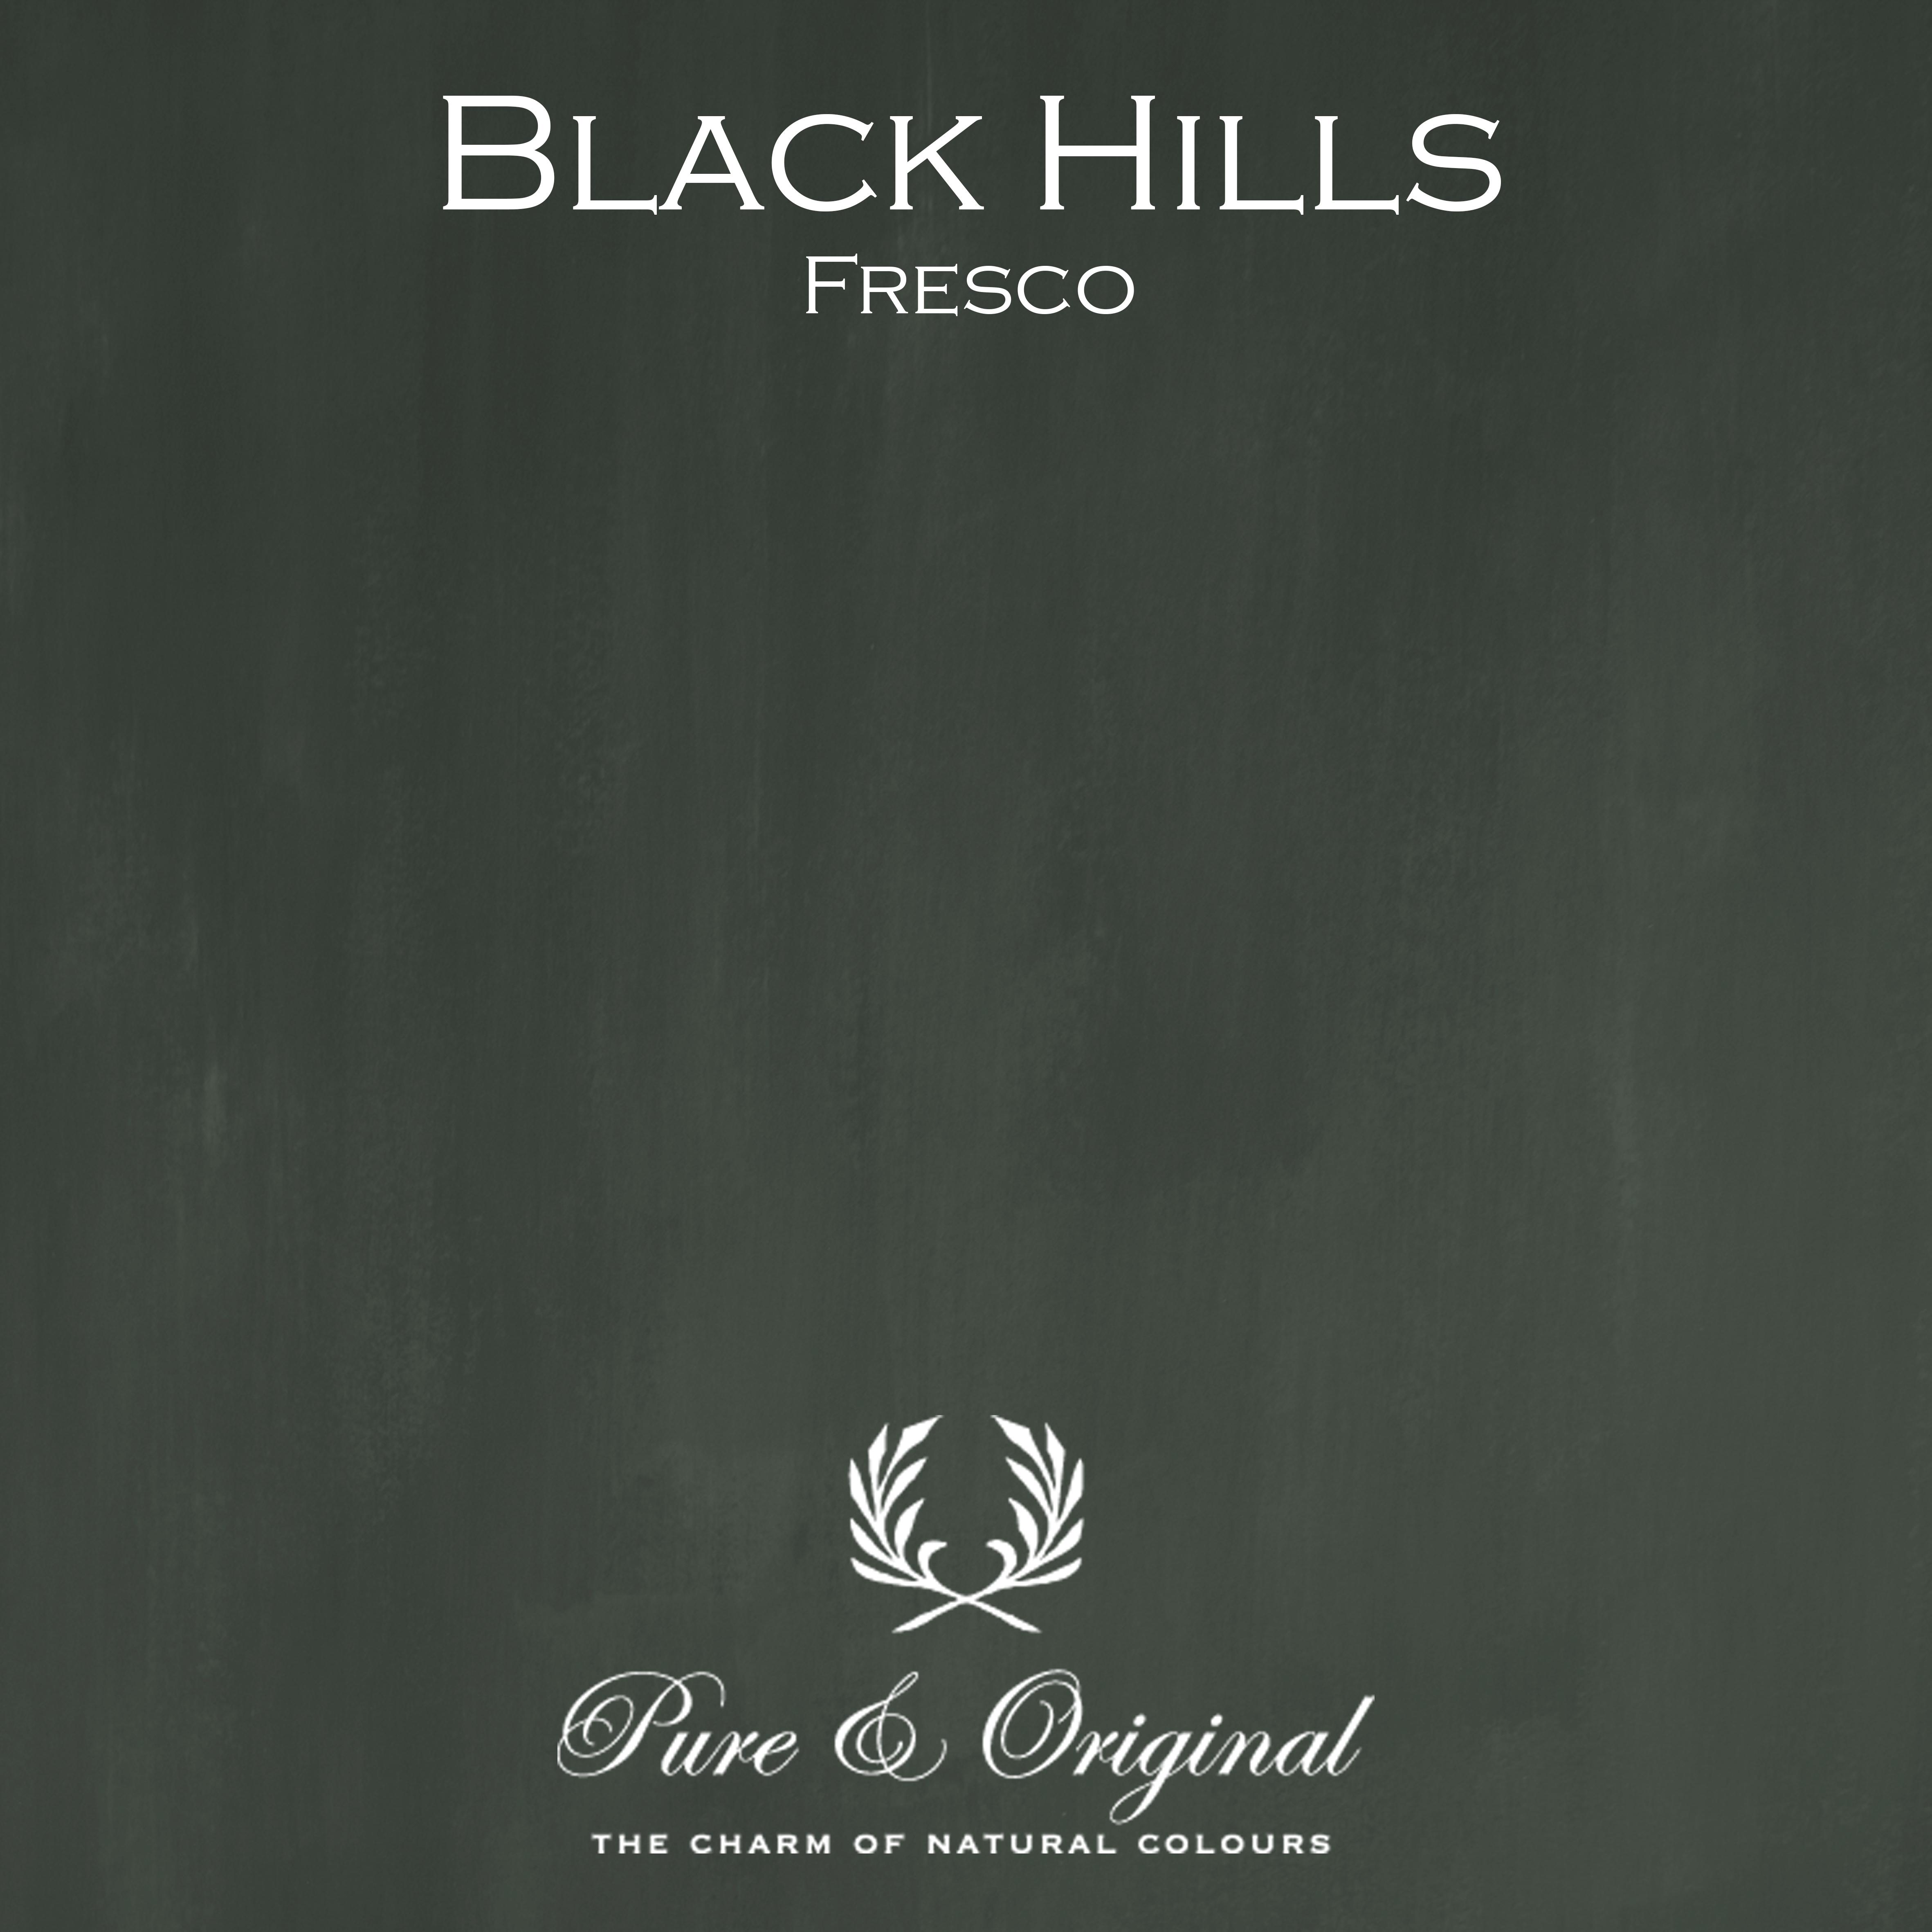 Kulör Black Hills, Fresco kalkfärg